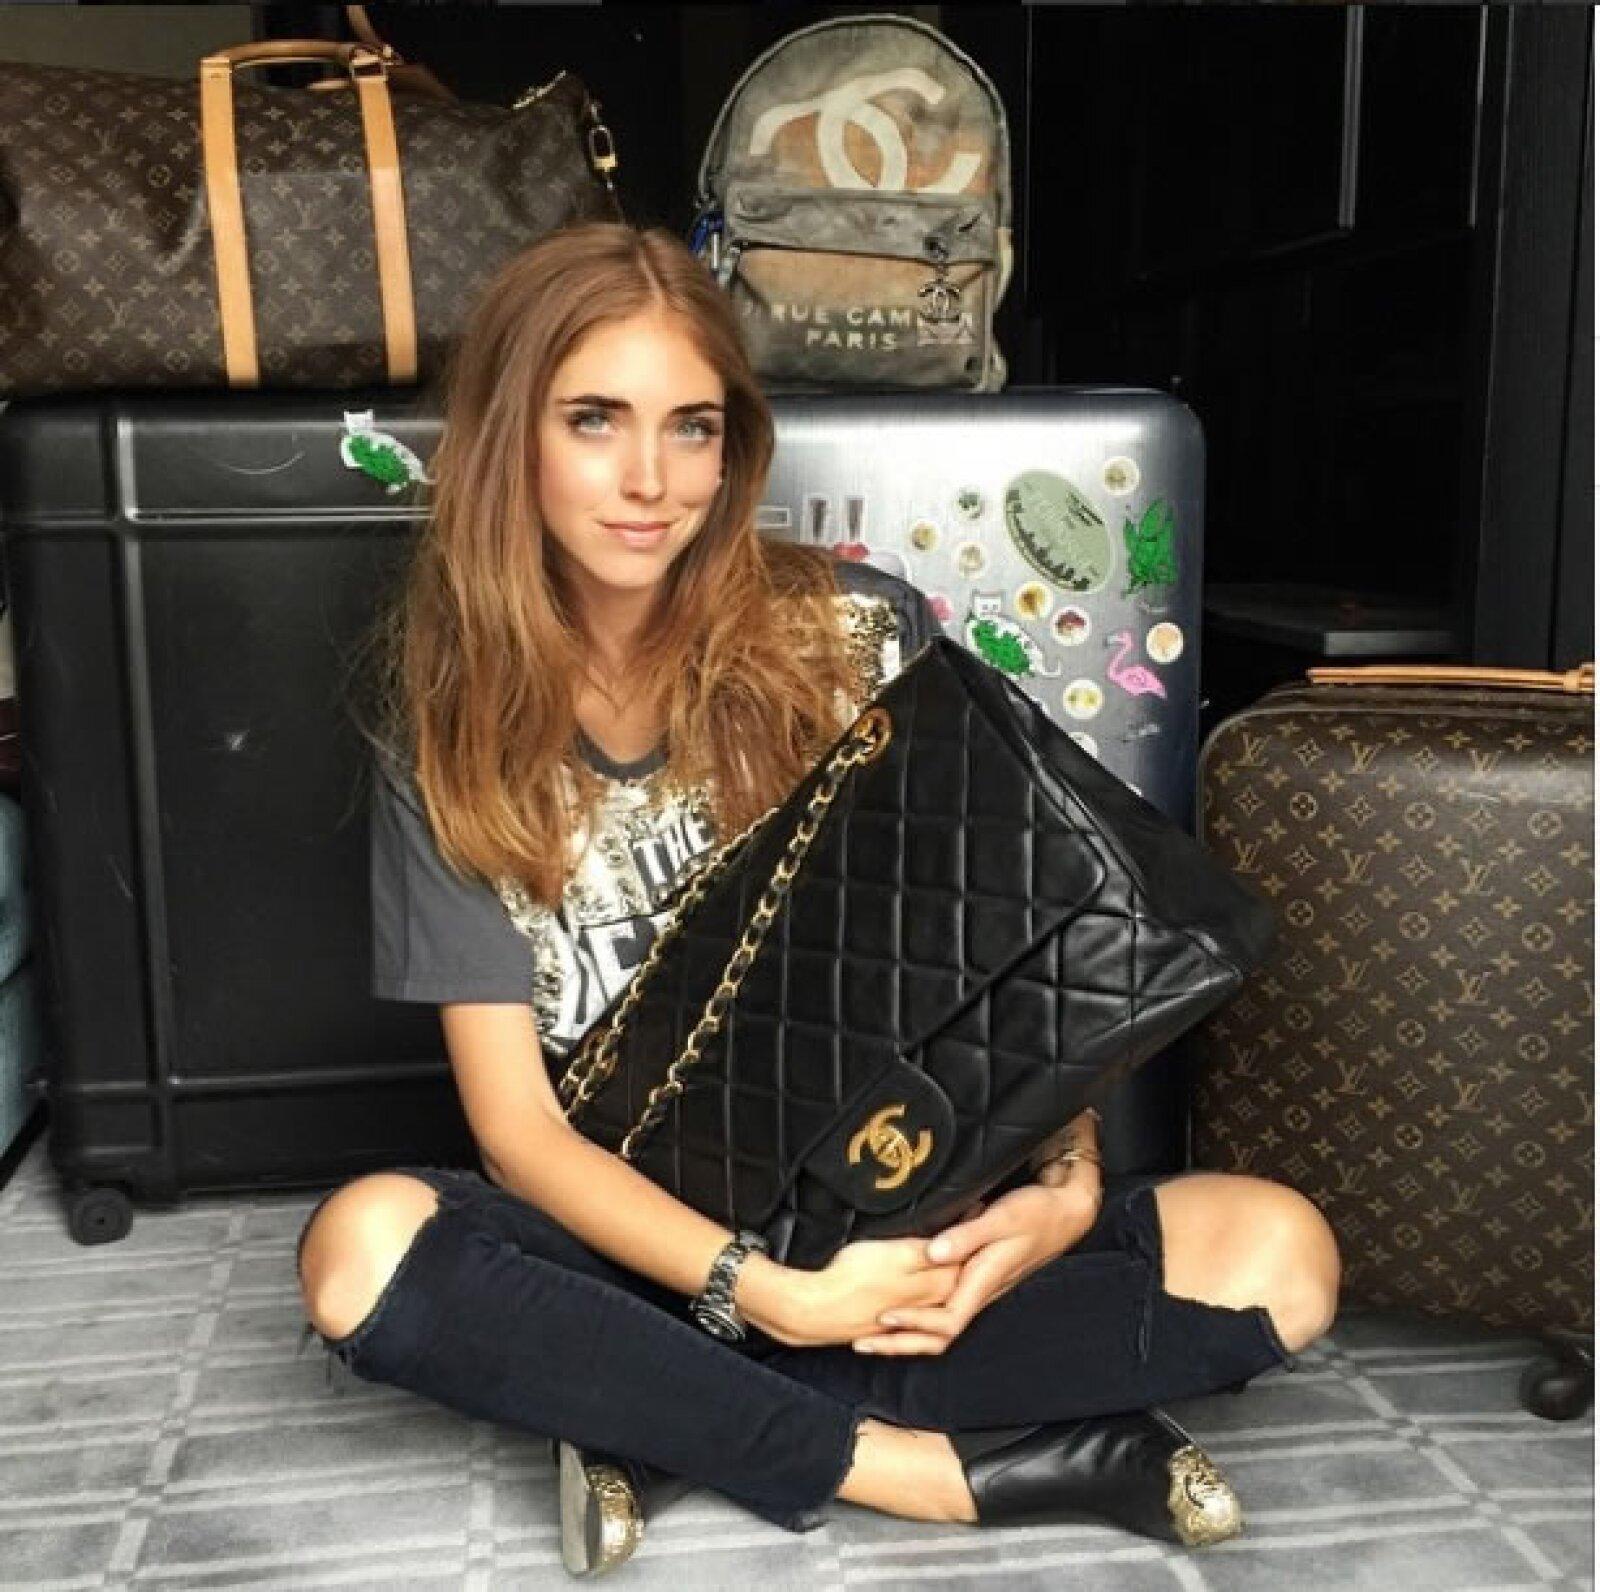 La blogger con más de 3 millones de seguidores necesitó 4 maletas, una backpack Chanel y una bolsa oversize de la misma firma para su viaje a Nueva York durante la Met Gala.